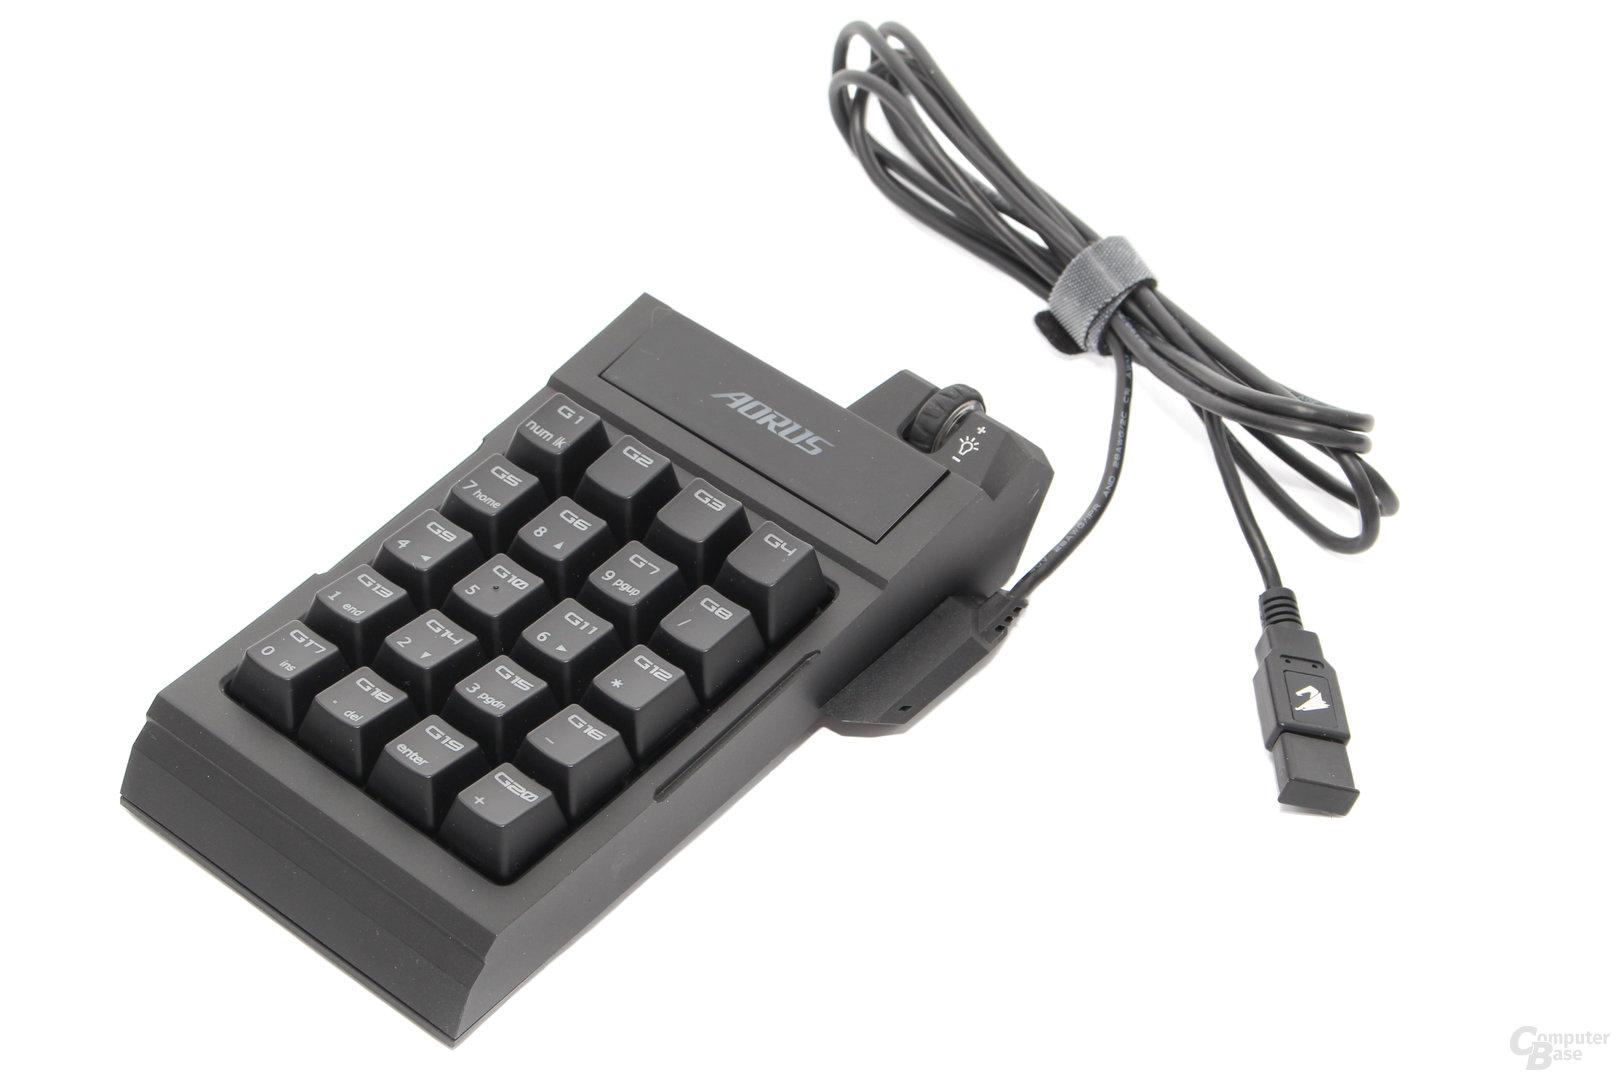 Per Kabel ist der Betrieb unabhängig von der Tastatur möglich